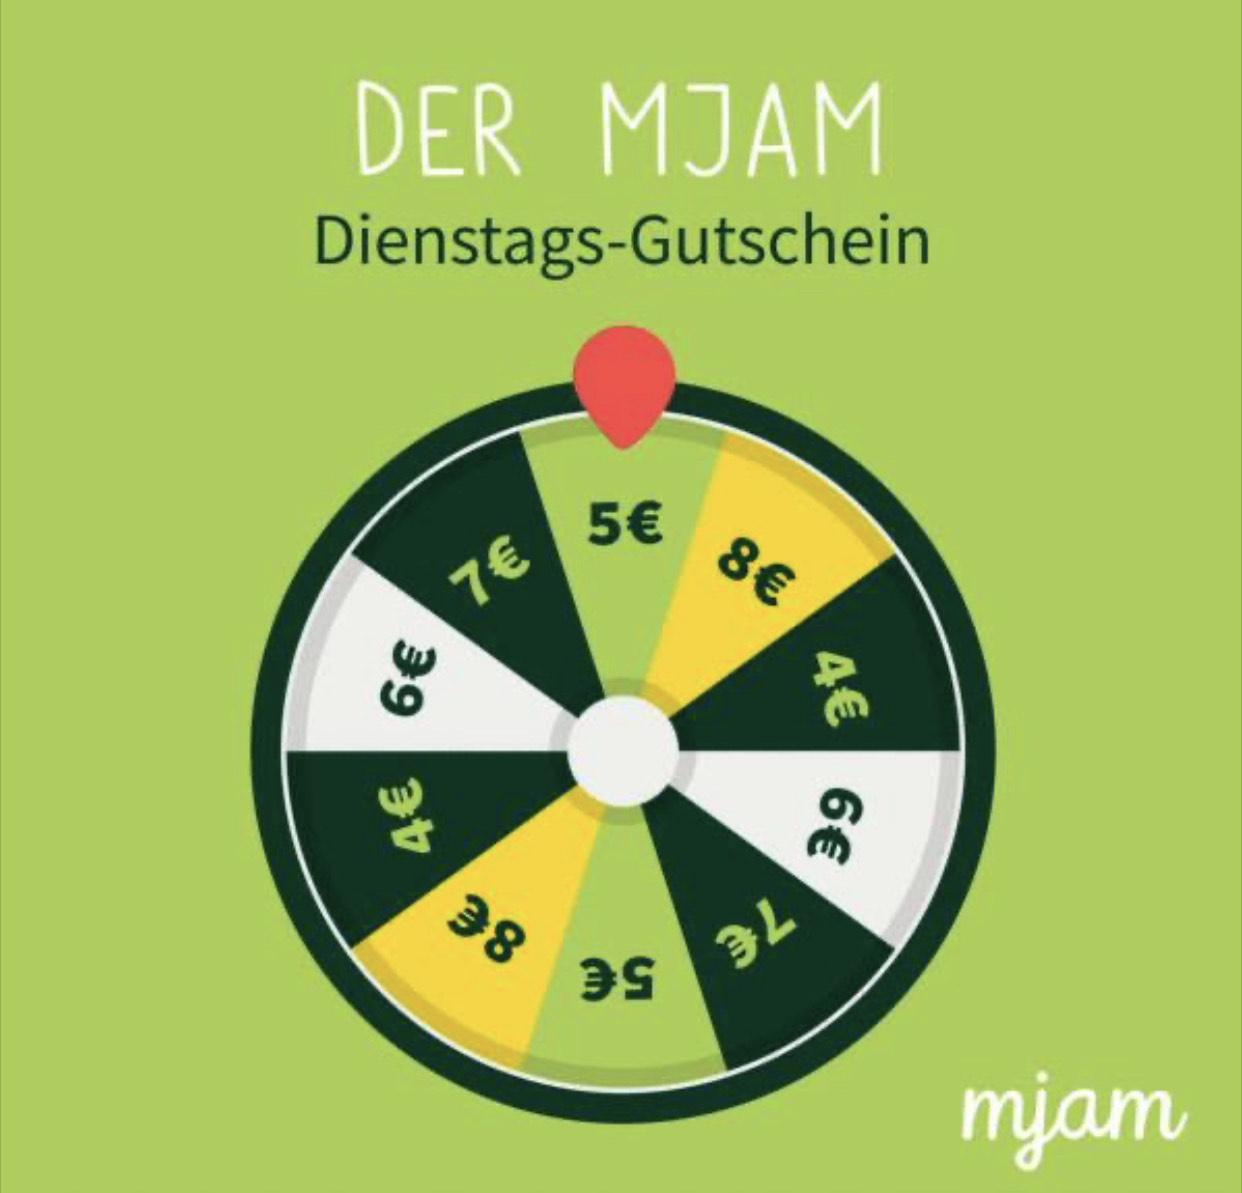 Mjam Gutschein Überraschungsgutschein: 4 - 8€ Rabatt bis 22:00